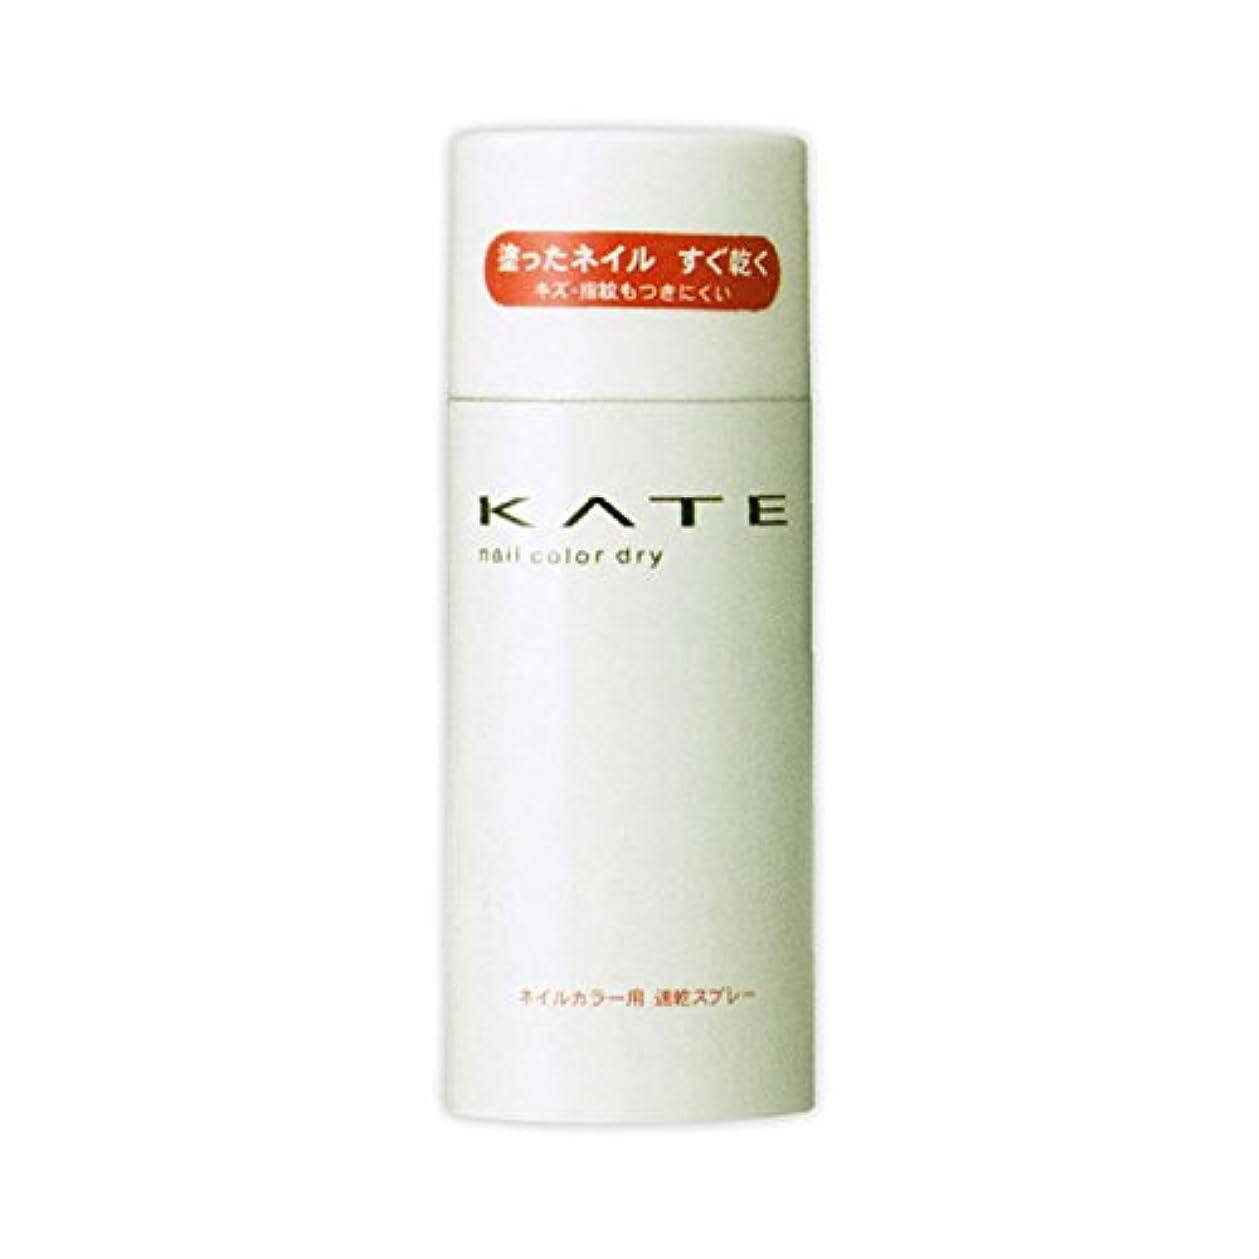 目の前のラック有名人カネボウ ケイト KATE ネイルカラードライ S 90g